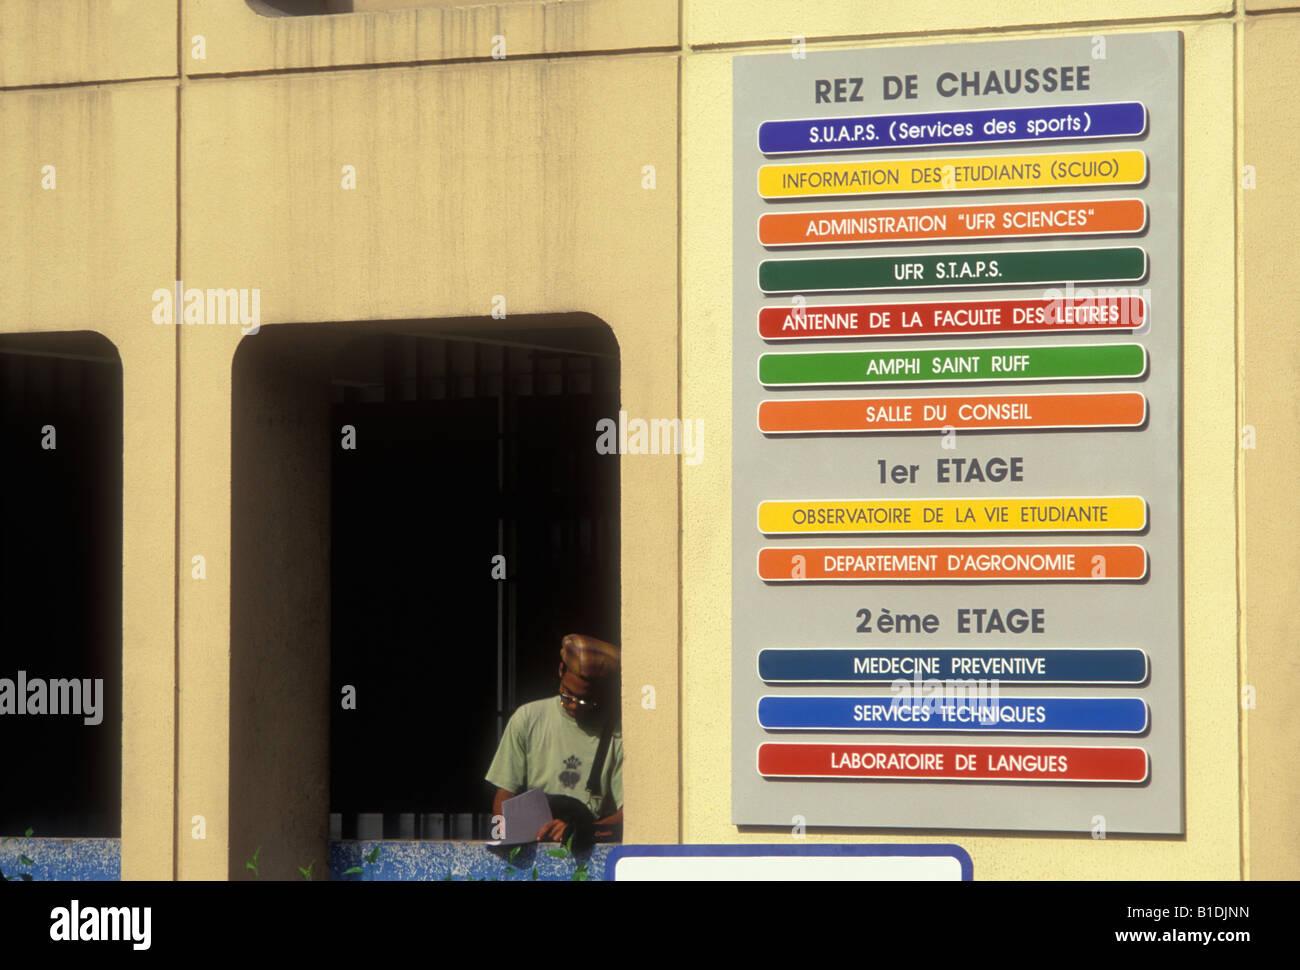 student, Universite de Fouillole, Fouillole University, Pointe-a-Pitre, Grande-Terre, Grande-Terre Island, Guadeloupe, - Stock Image